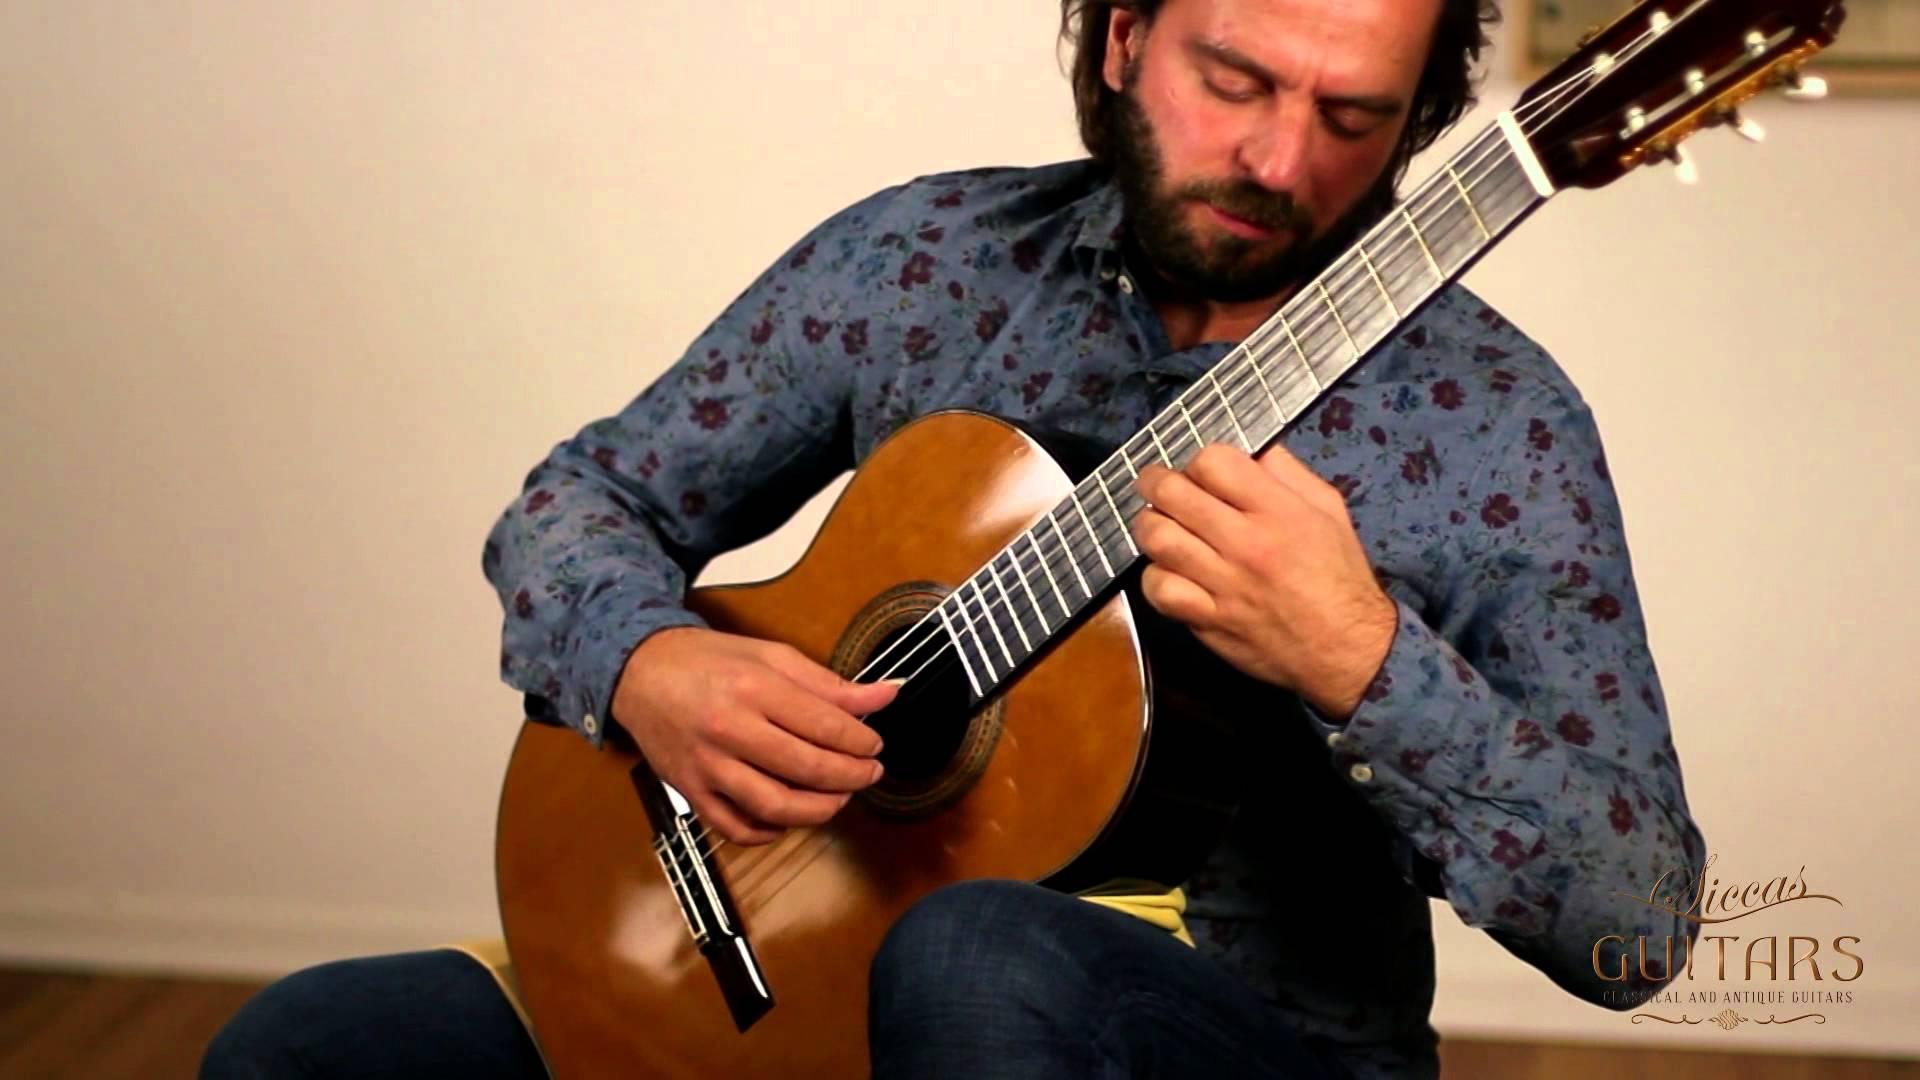 マルシン・ディラが弾くタレガの『ゆりかご』 豊かな響きで奏でられる愛らしい小品